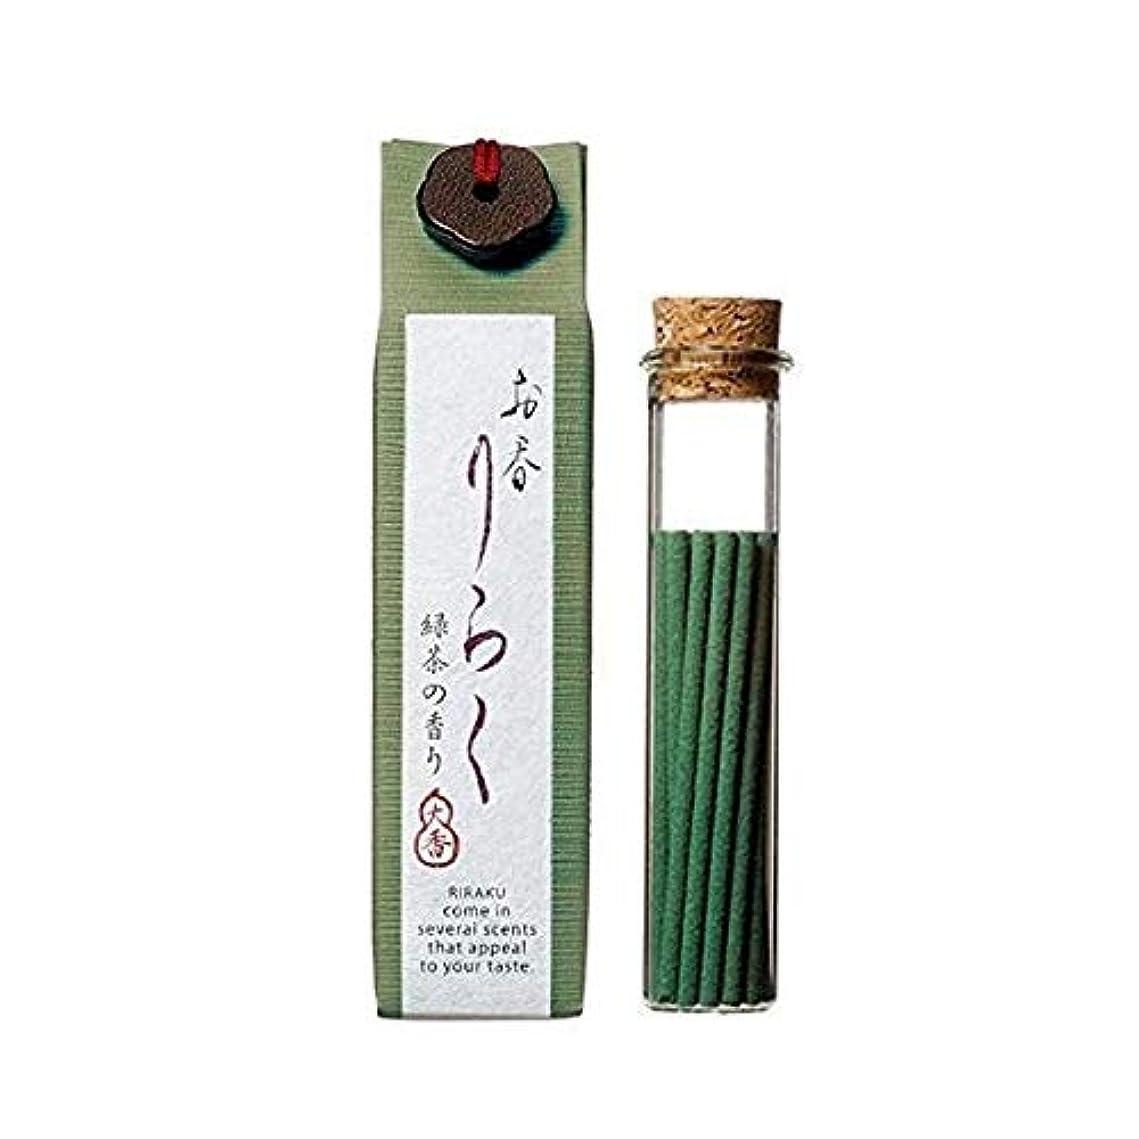 ステンレス然とした暗くするお香 りらく 緑茶 15本入